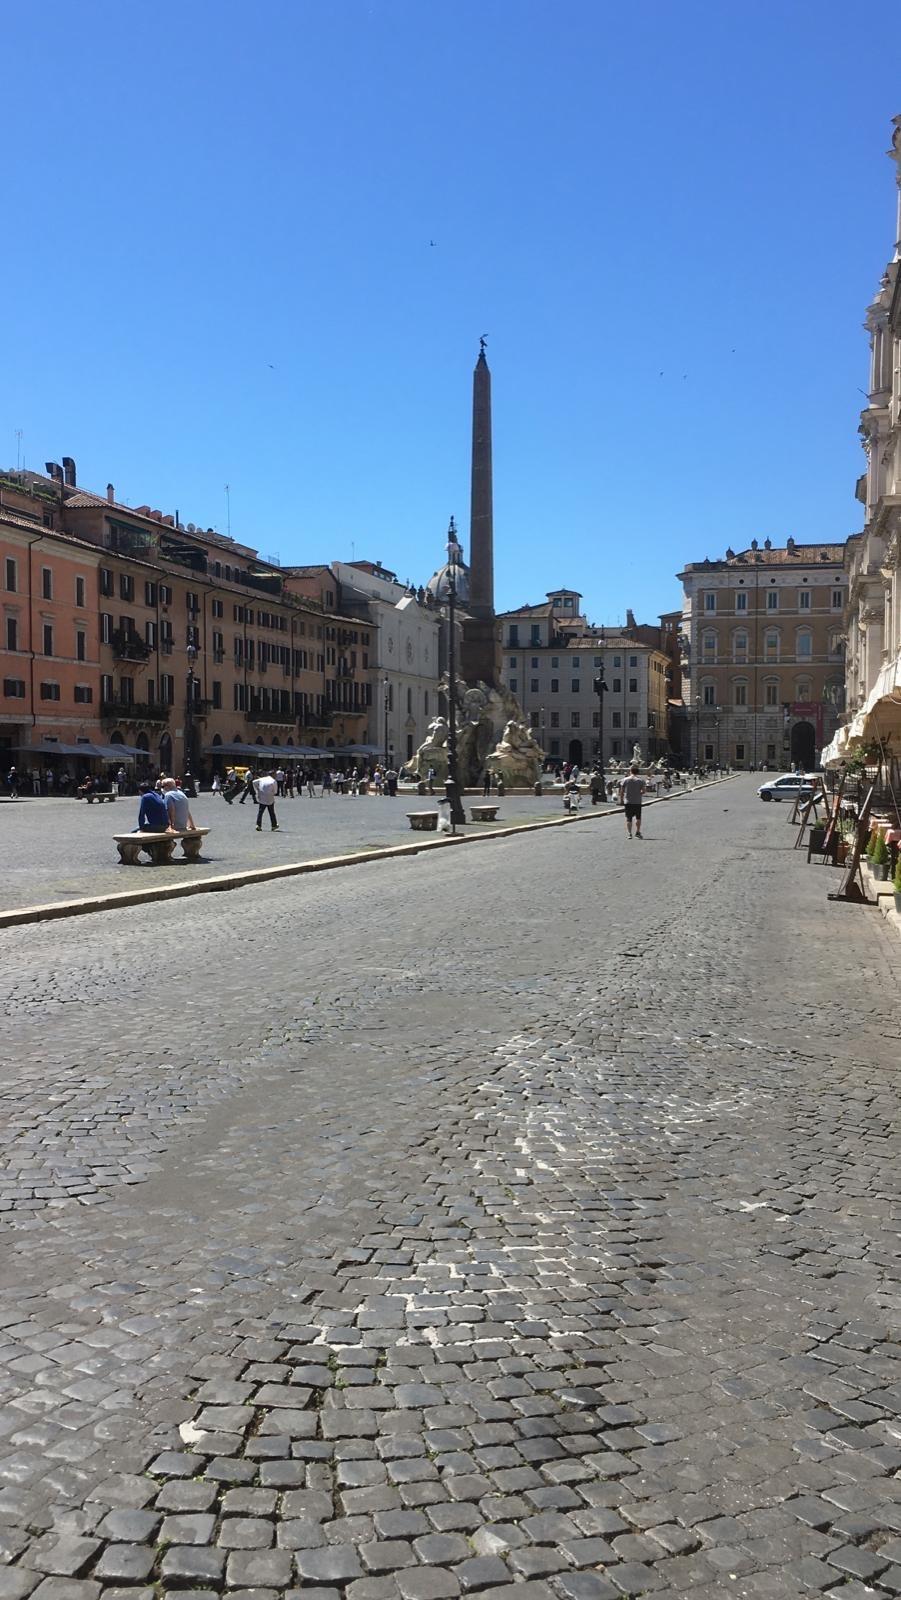 イタリアはまだまだ感染がおさまっていない様子_a0129711_14071654.jpg